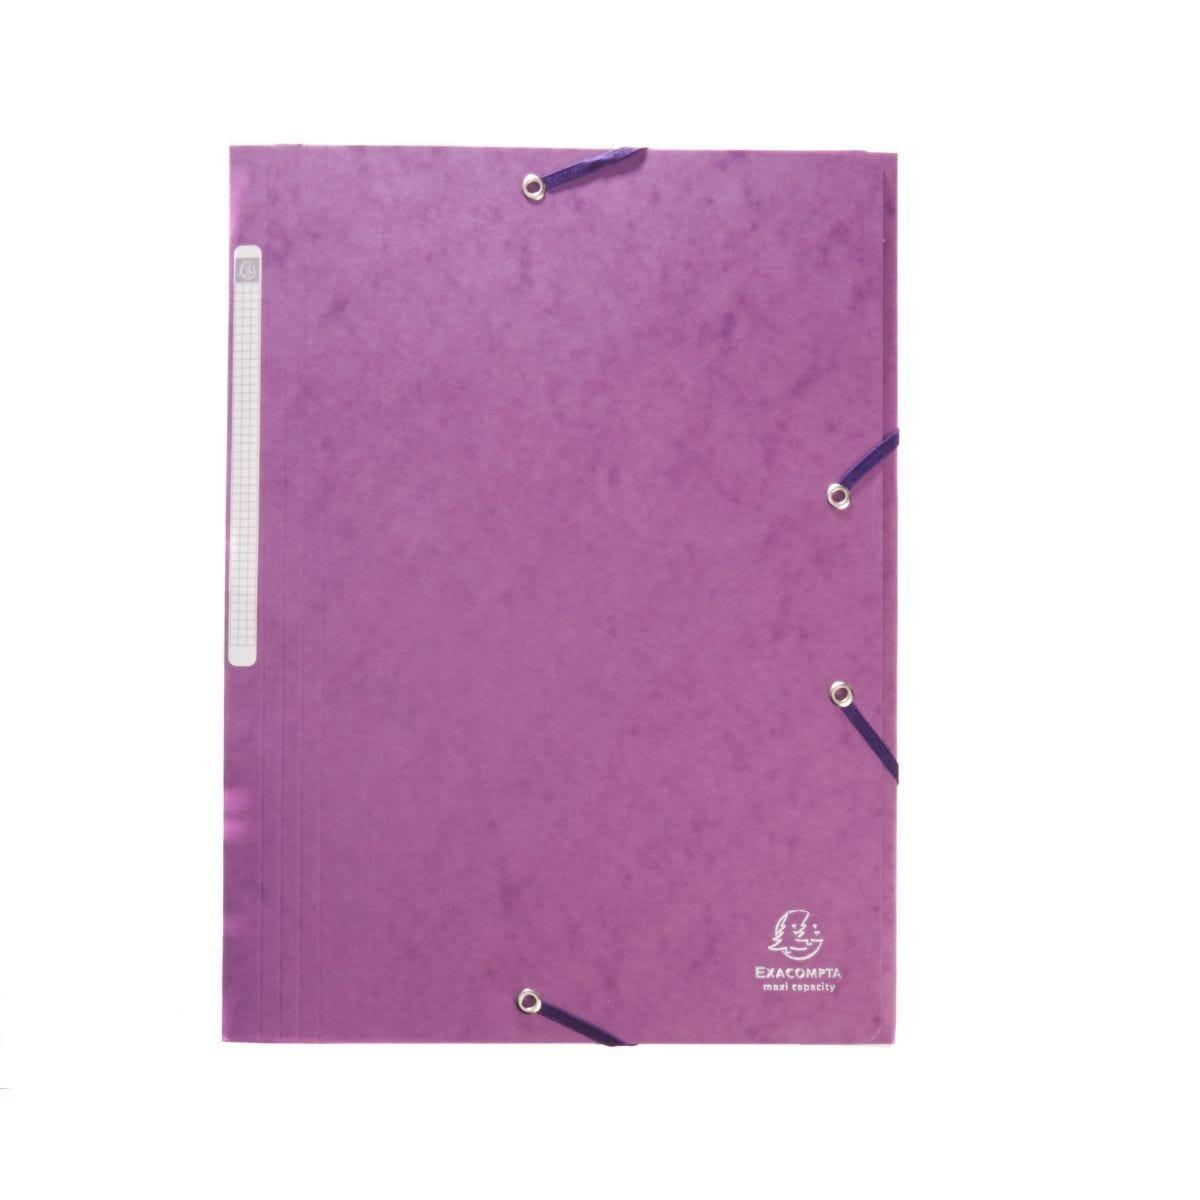 Exacompta Portfolio A4 Lilac